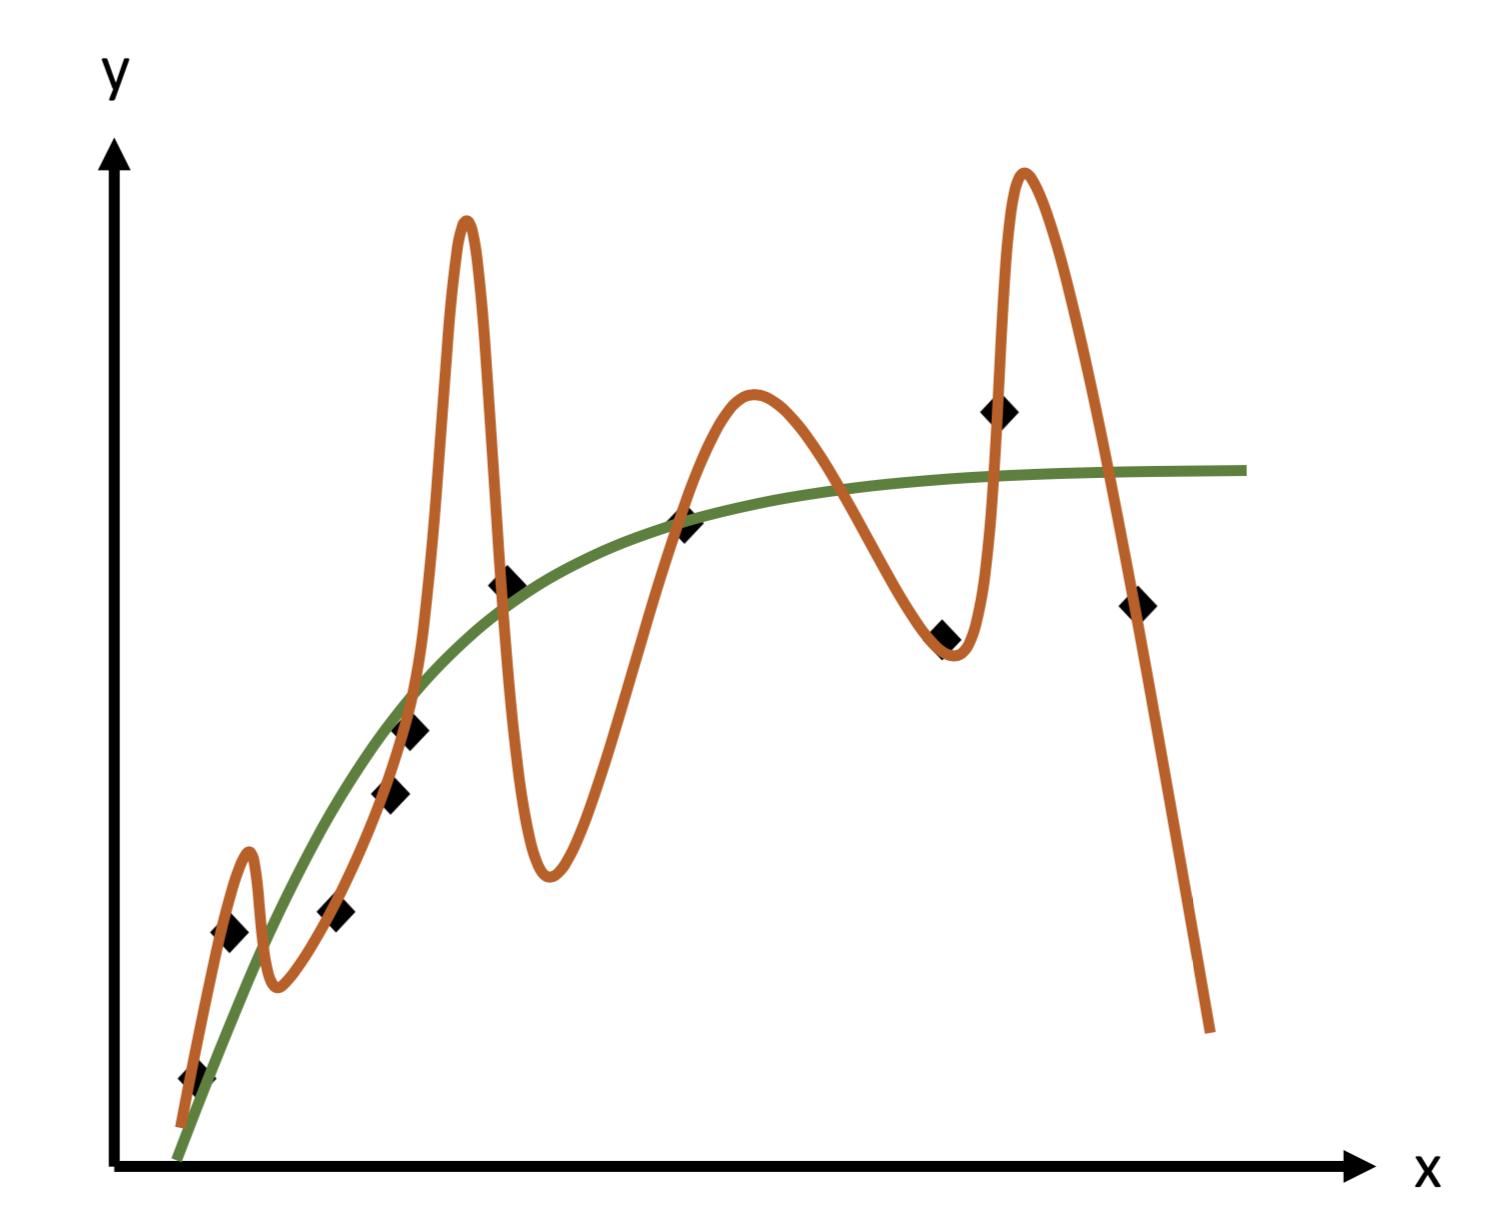 Illustration sur un cas de régression non-linéaire du phénomène de sur-apprentissage